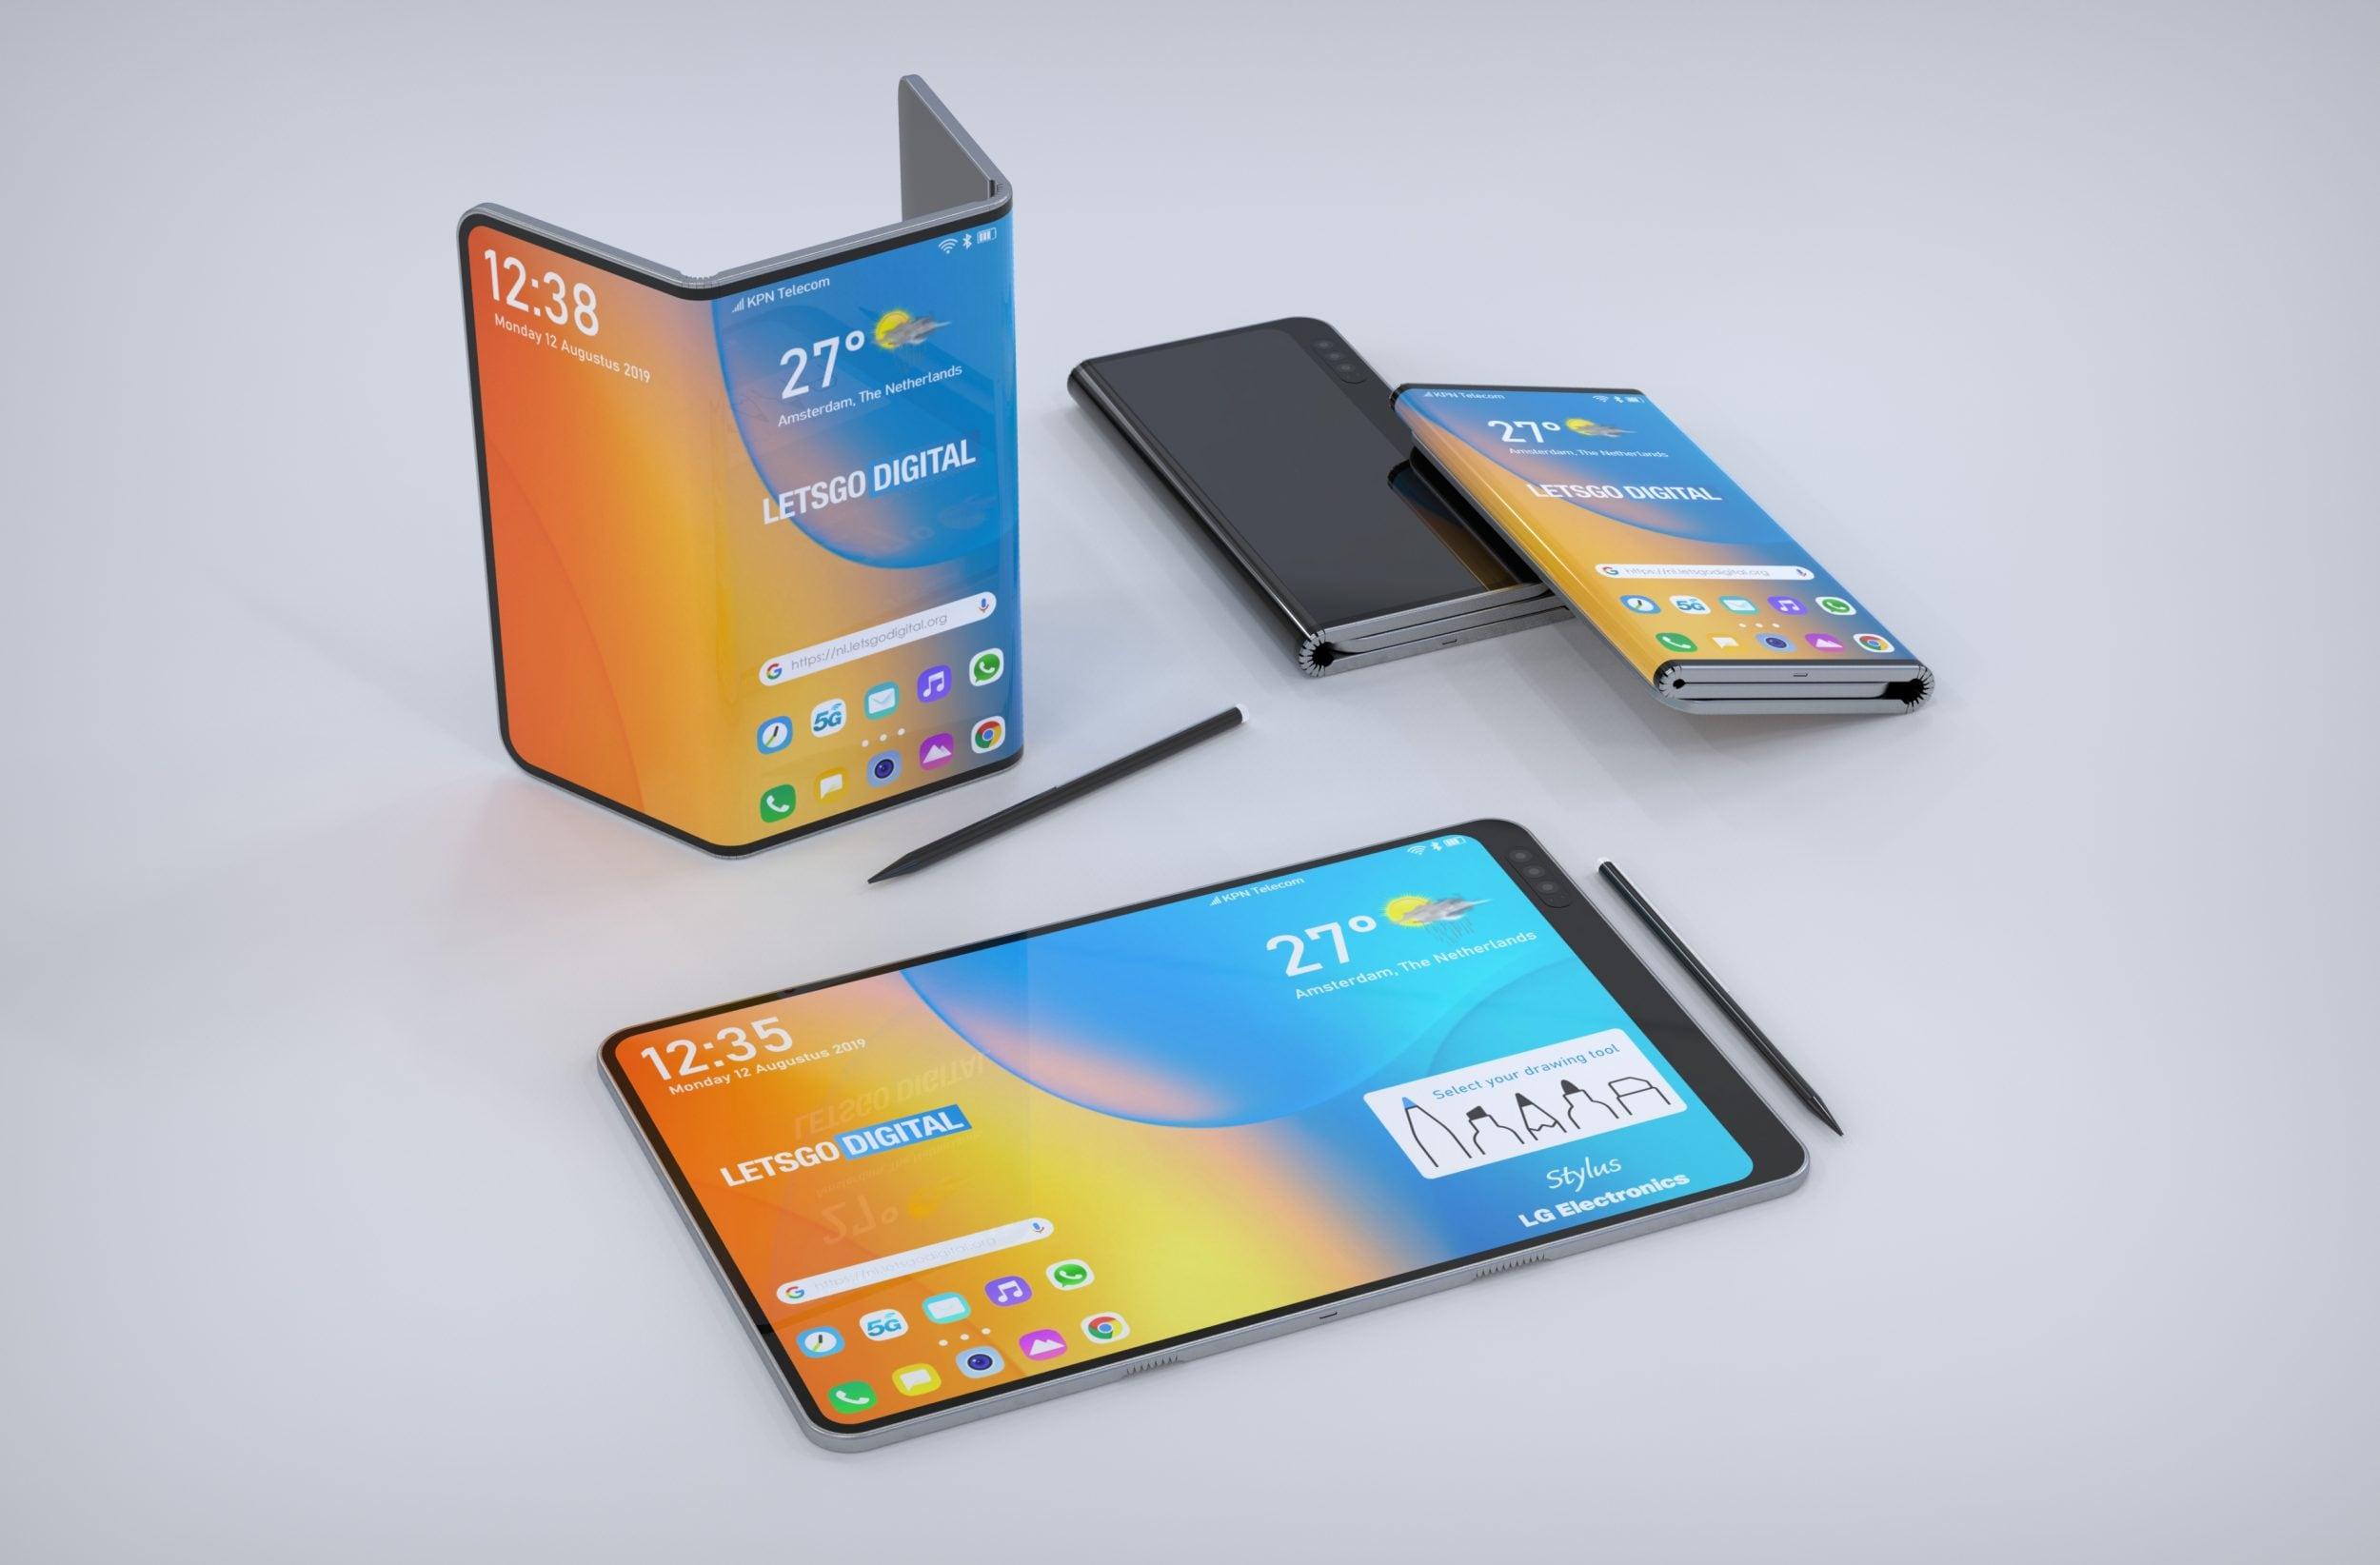 Nuove immagini dagli innovativi brevetti LG: uno smartphone che si piega in 3 (con stilo) e uno arrotolabile (foto)